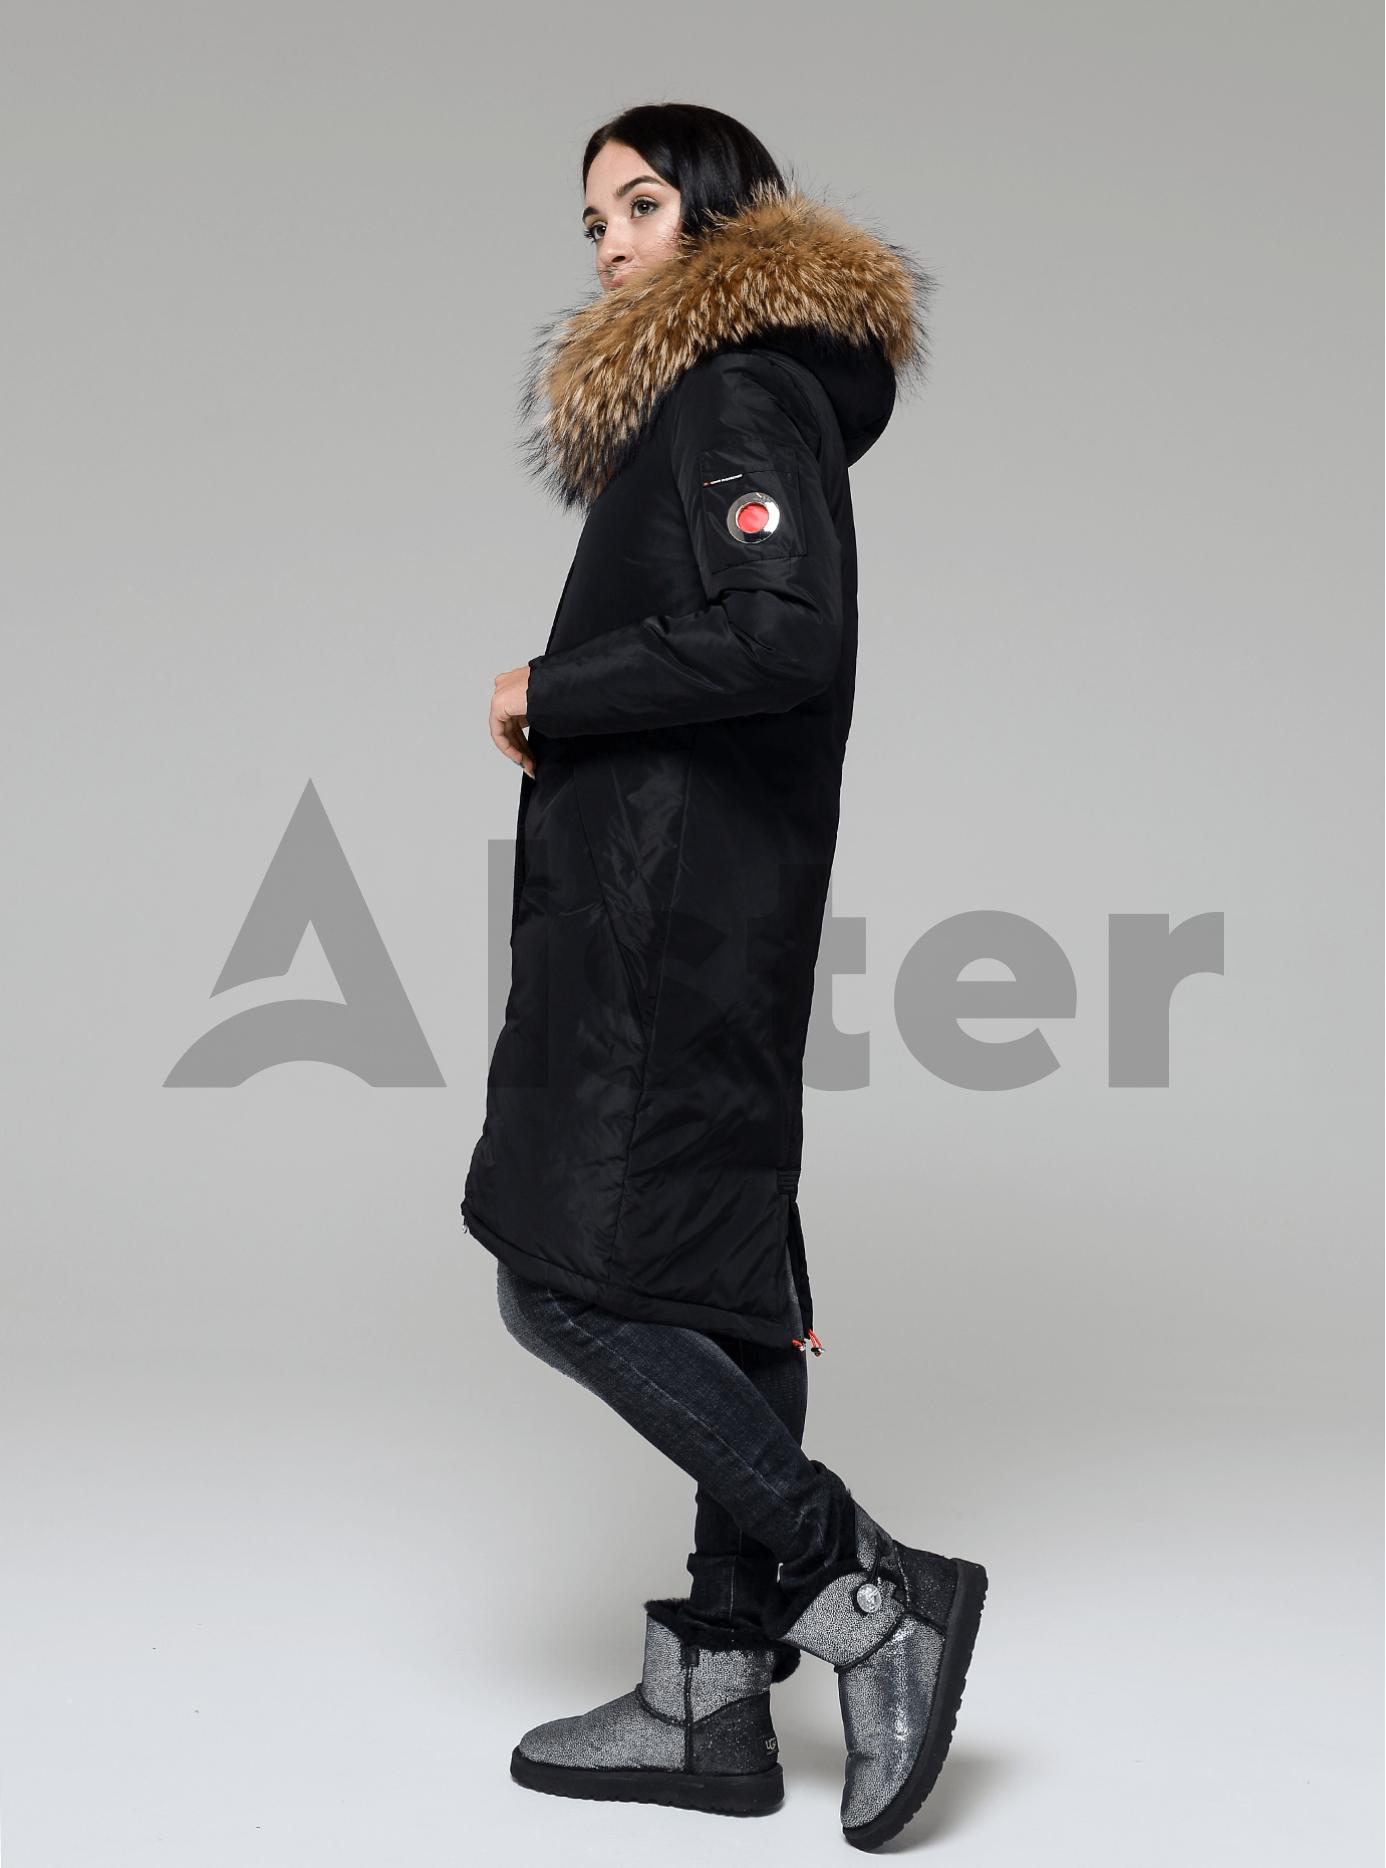 Куртка зимняя длинная со съемным мехом енота Чёрный S (05-V191203): фото - Alster.ua